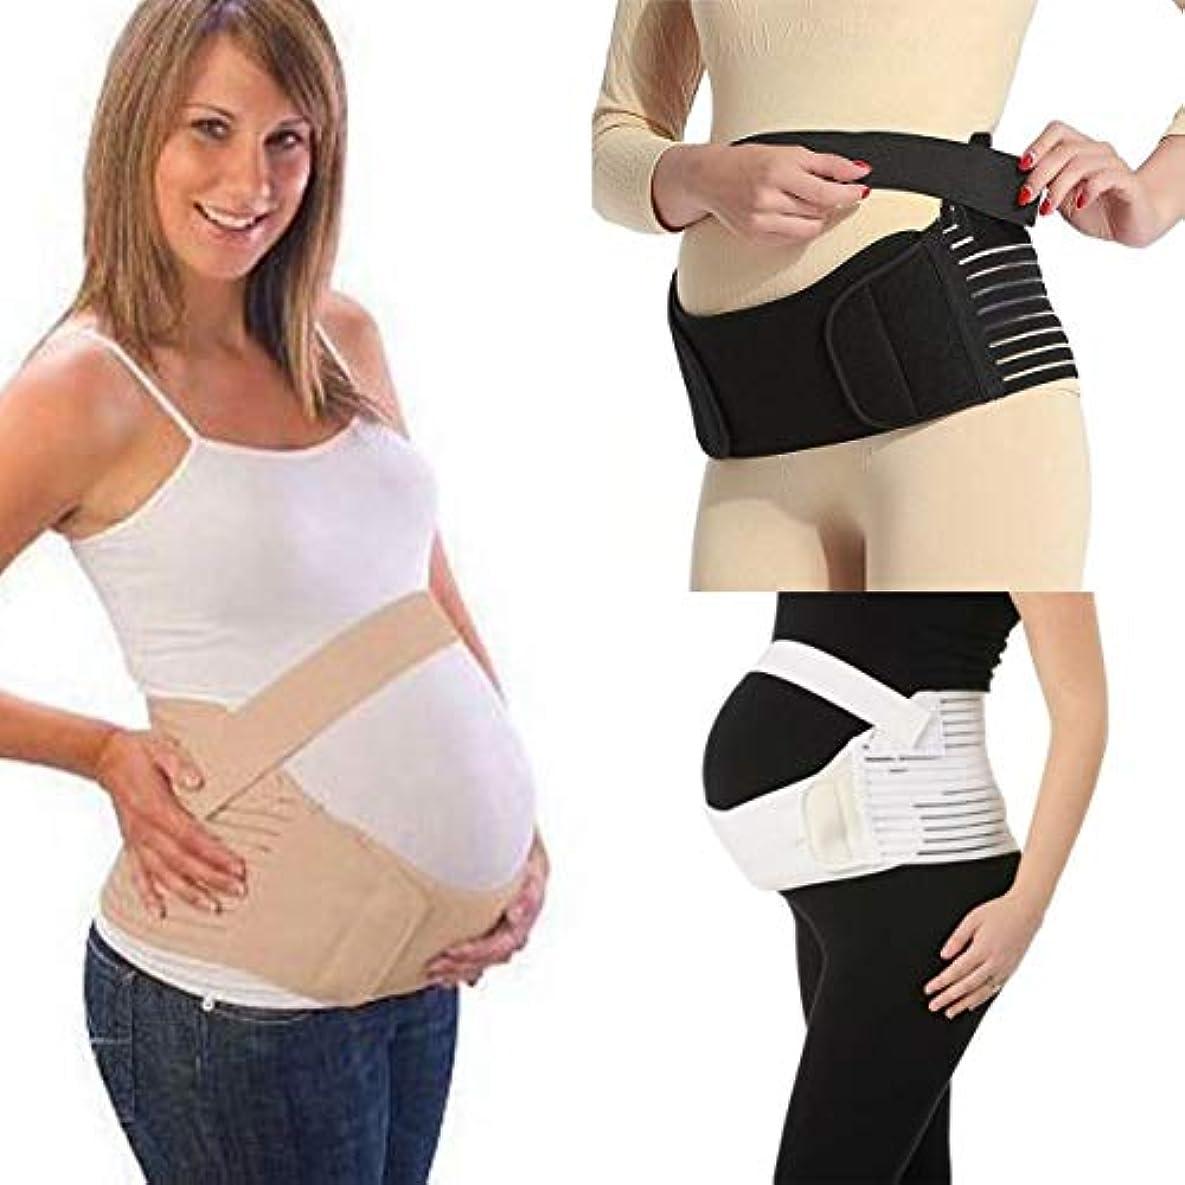 シールドいくつかの弾性Breathable Maternity Belt Pregnancy Abdomen Support Abdominal Binder Girdle Athletic Bandage Postpartum Recovery...